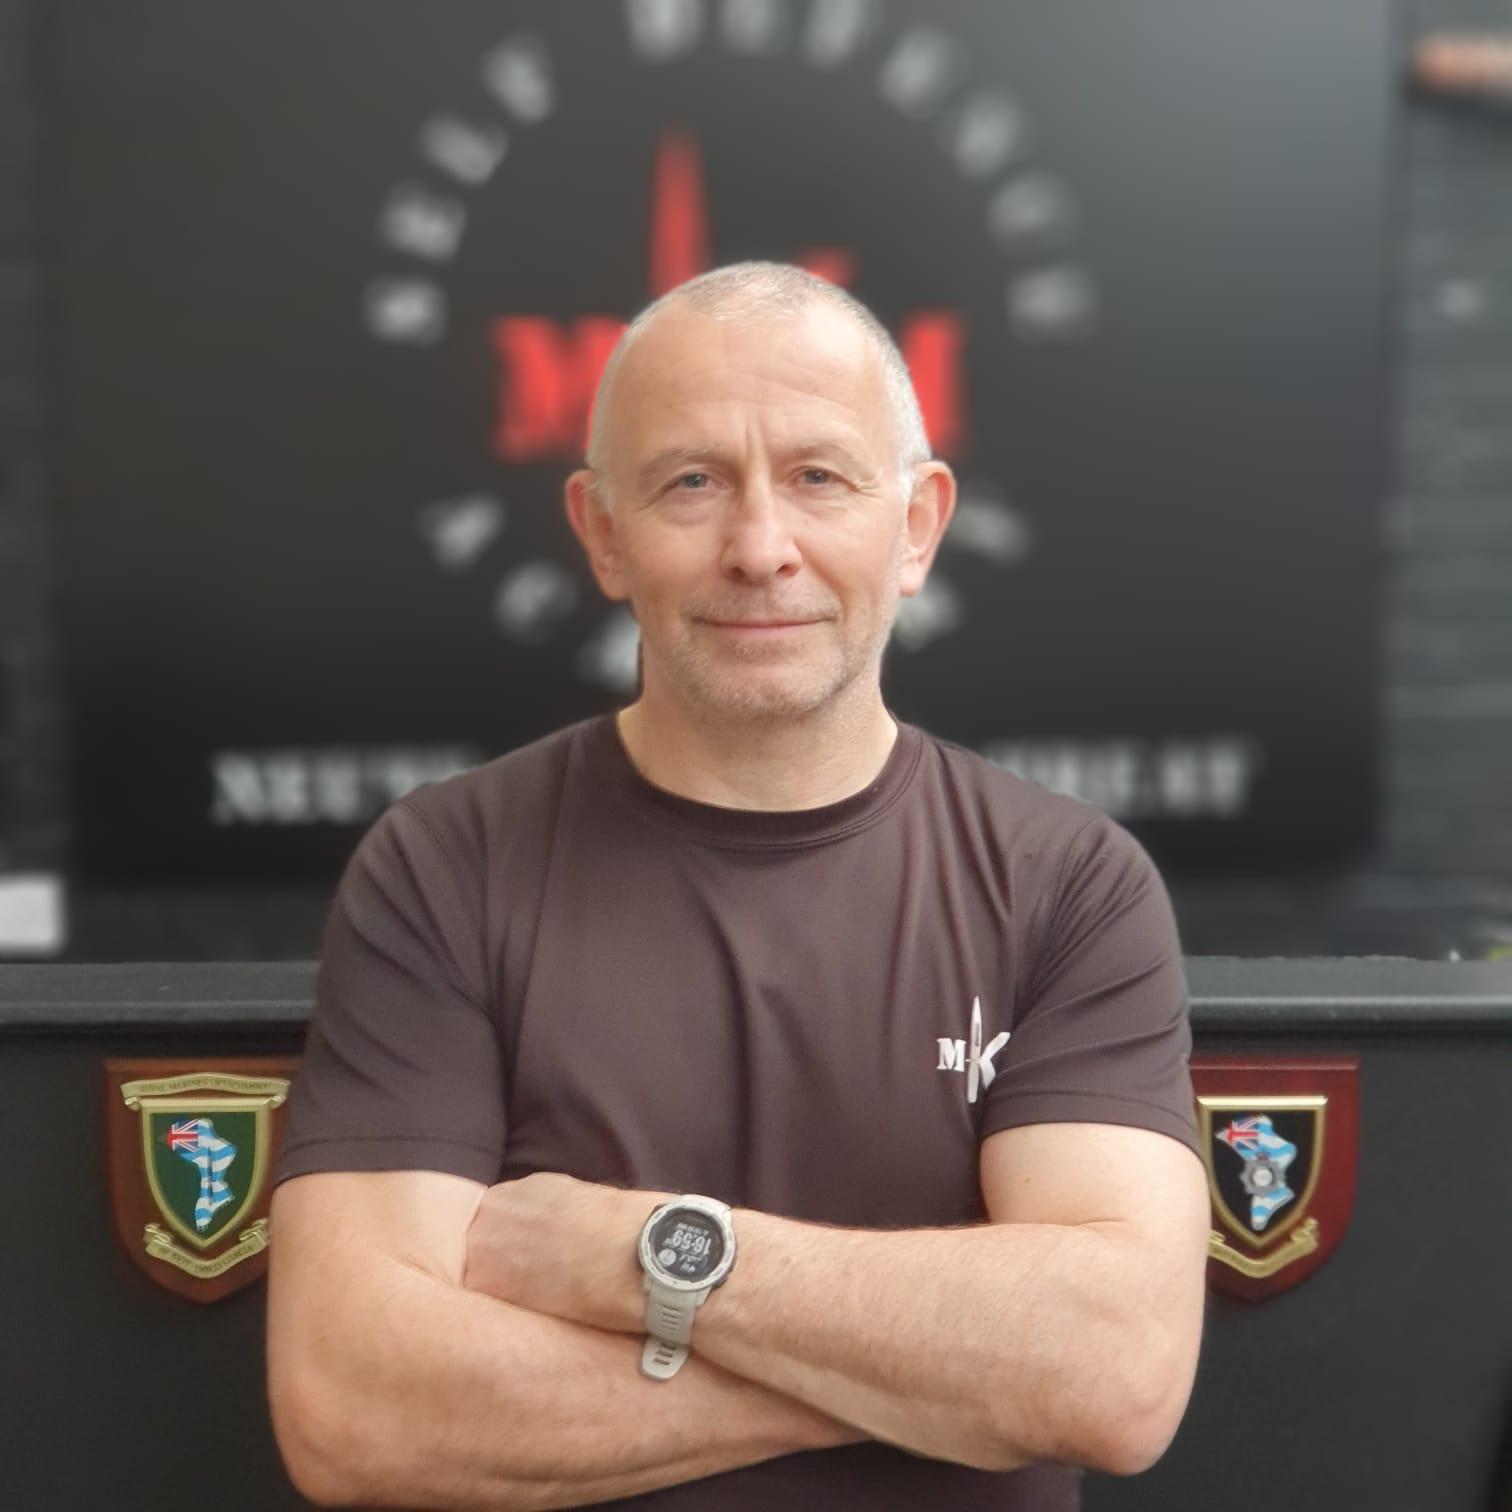 Ian Desbottes mkm instructor